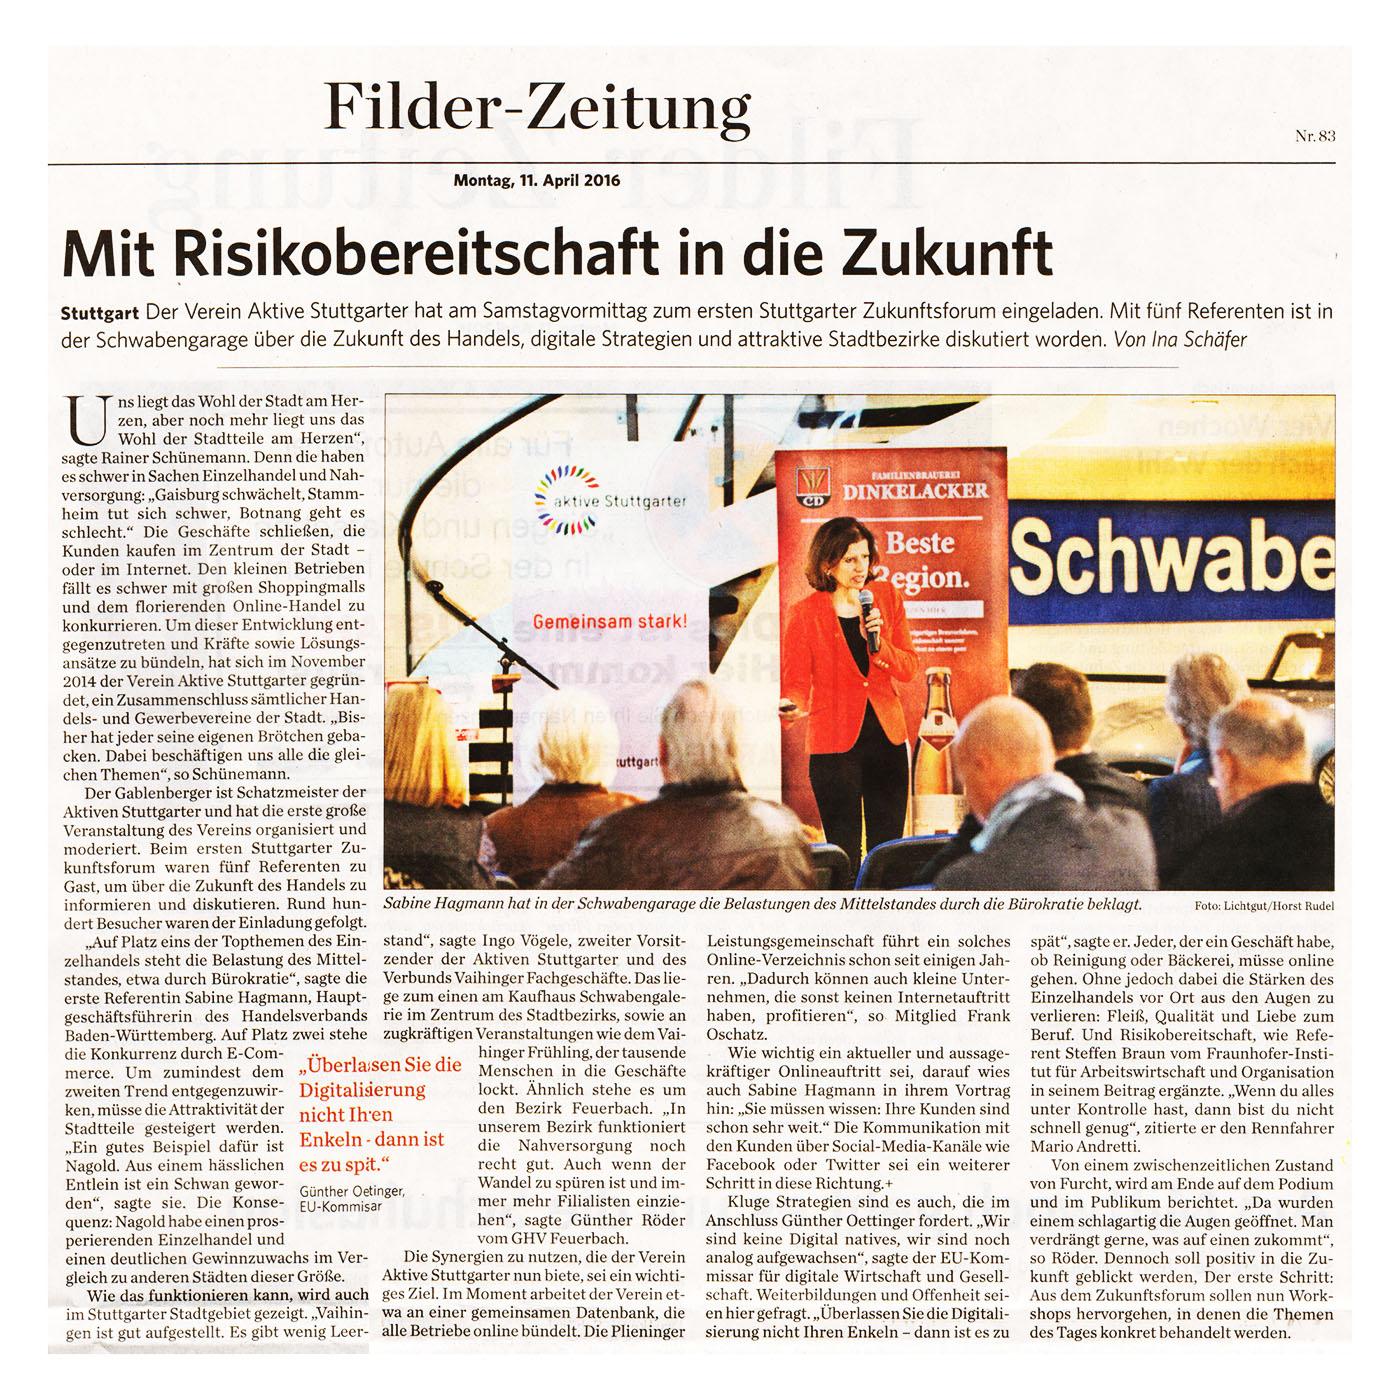 Pressebericht zum Zunkunftsforum Filderzeitung vom 11. 04. 2016